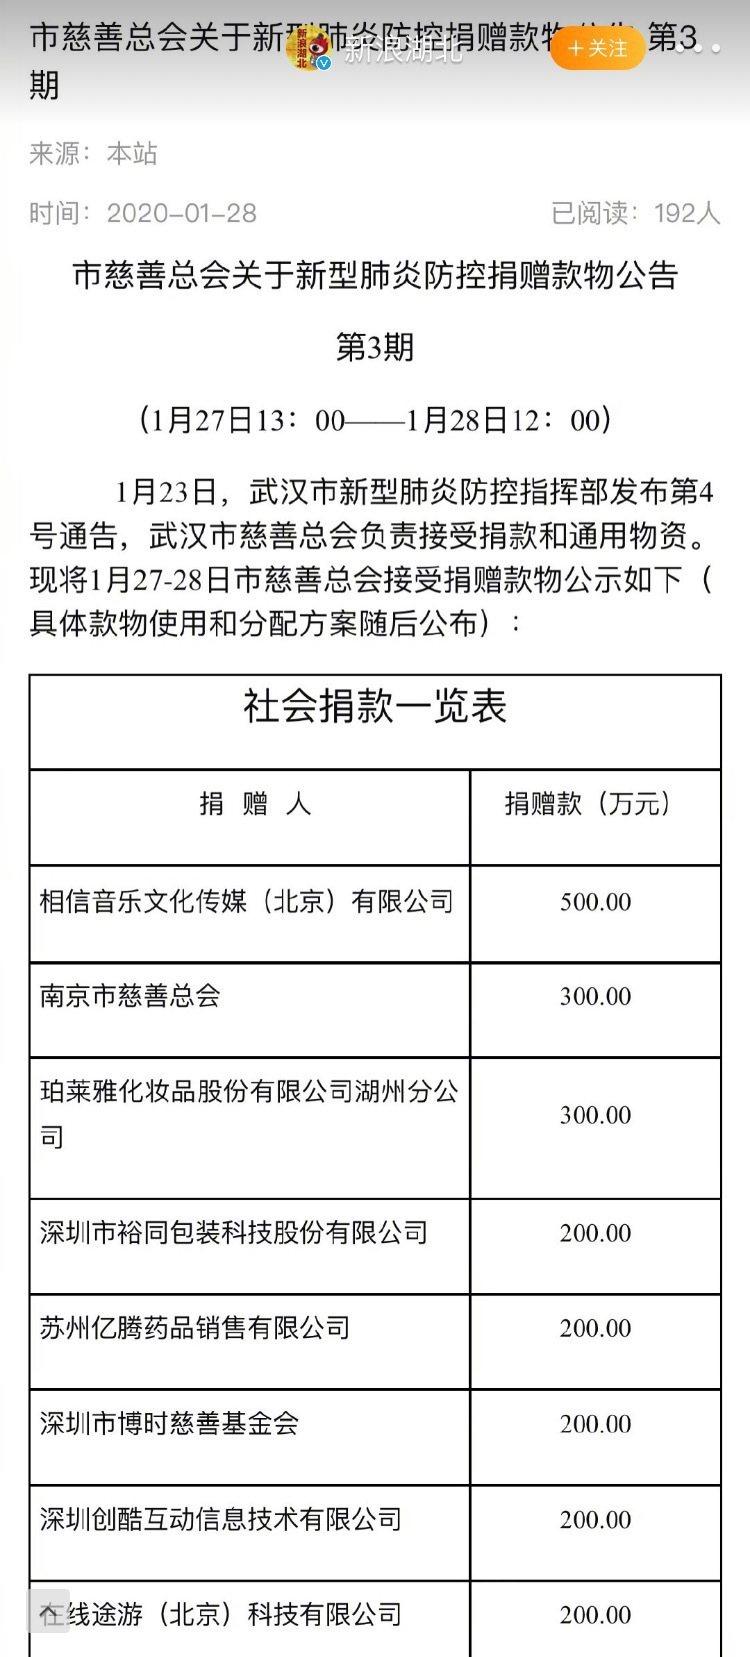 五月天所屬的「相信音樂文化傳媒(北京)有限公司」捐出500萬人民幣提供武漢賑災。...